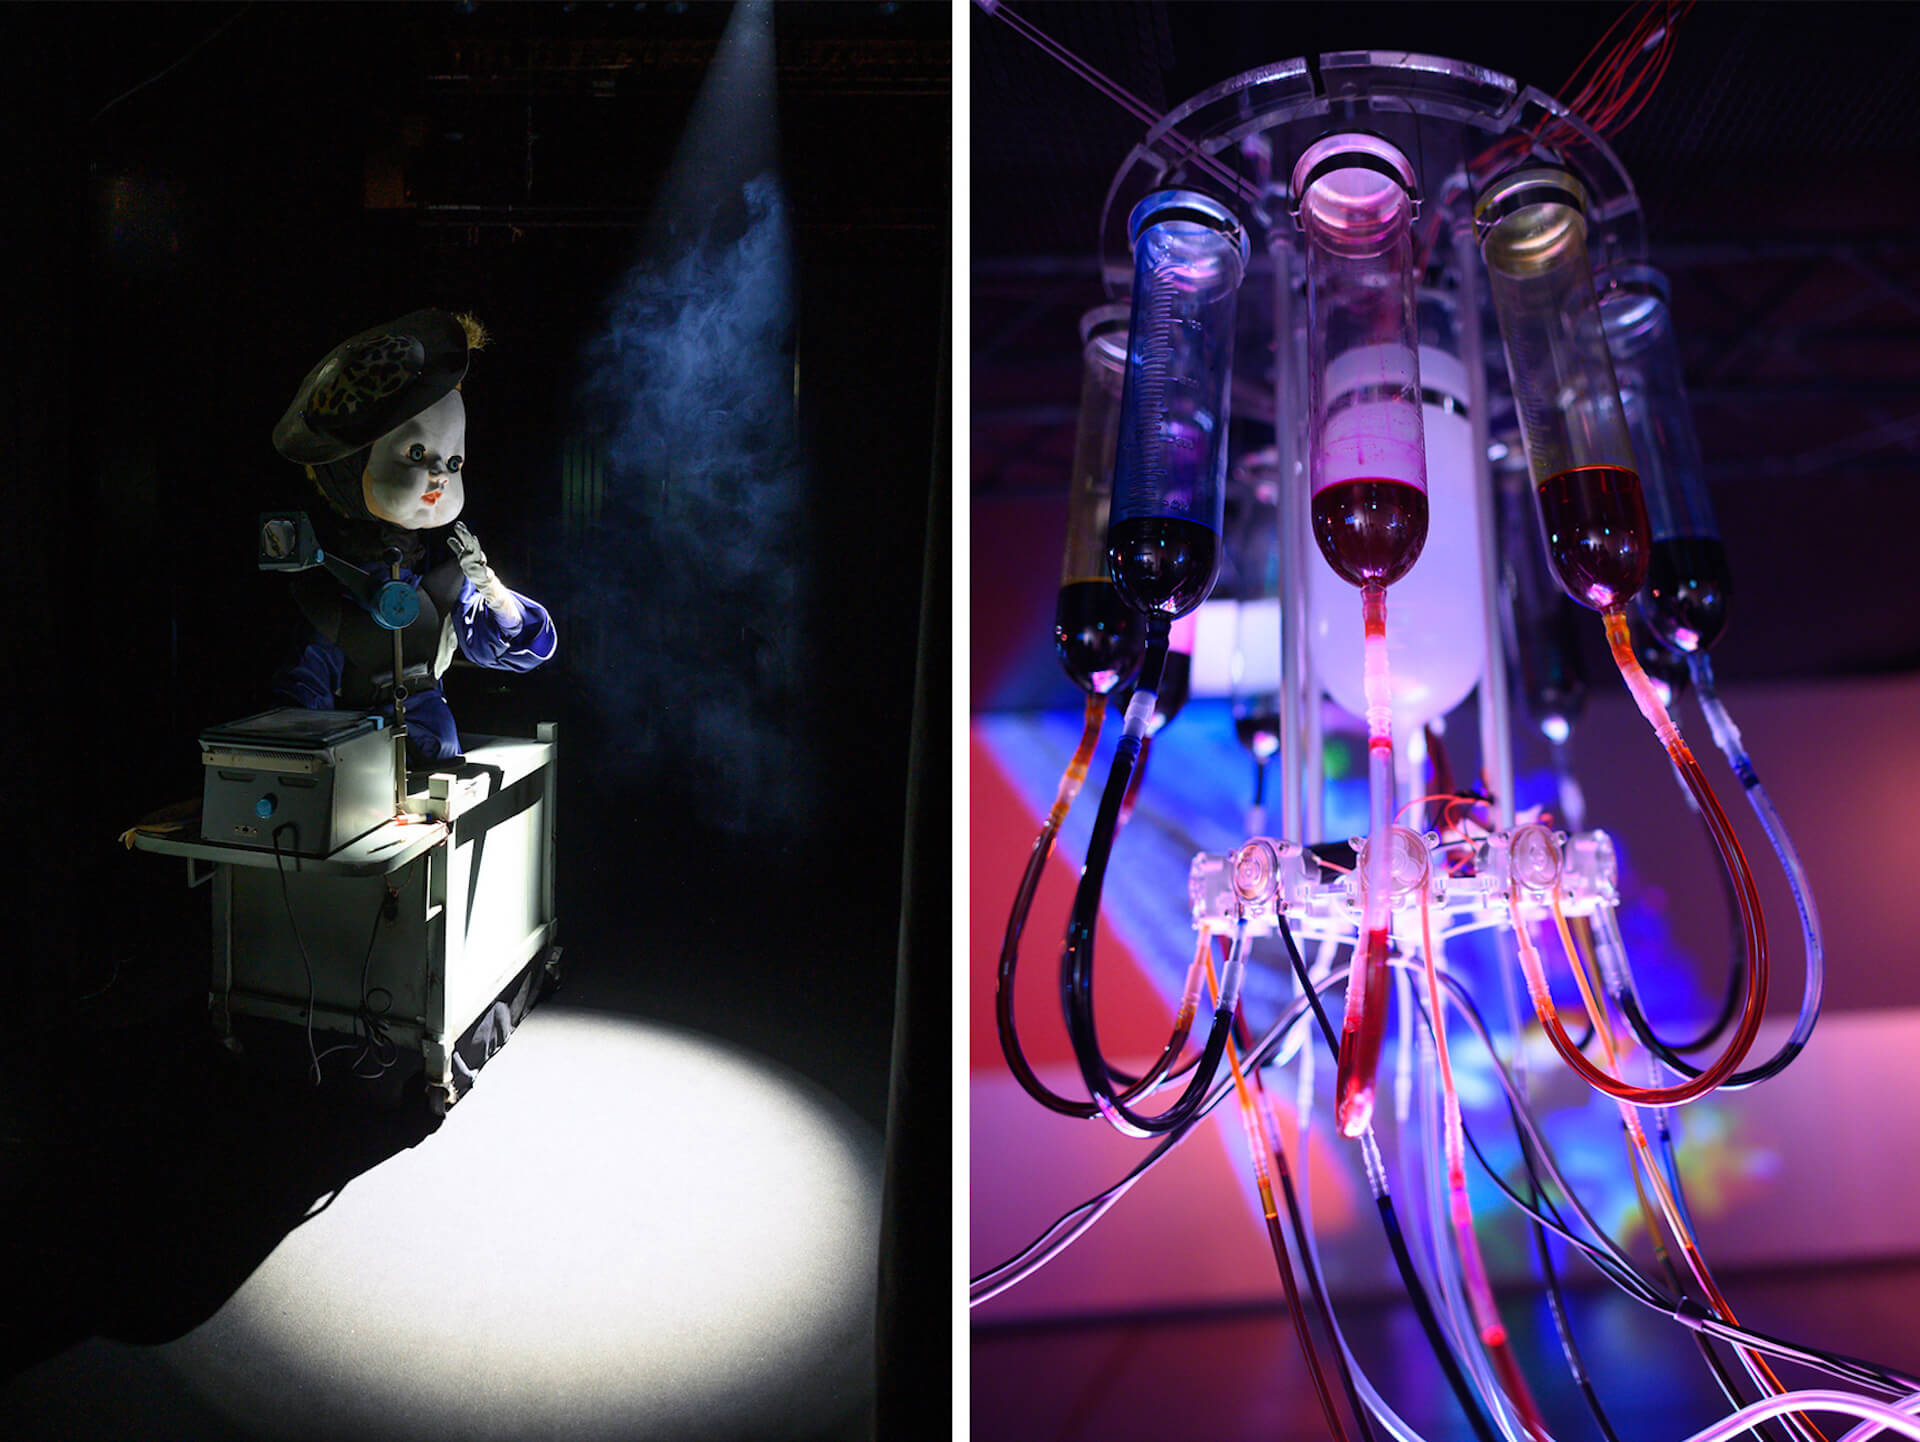 フォトレポート|Kode 9 & Koji Morimotoらが登場した電子音楽&デジタルアートの祭典「MUTEK.JP 2019」 music191219-mutek2019-15